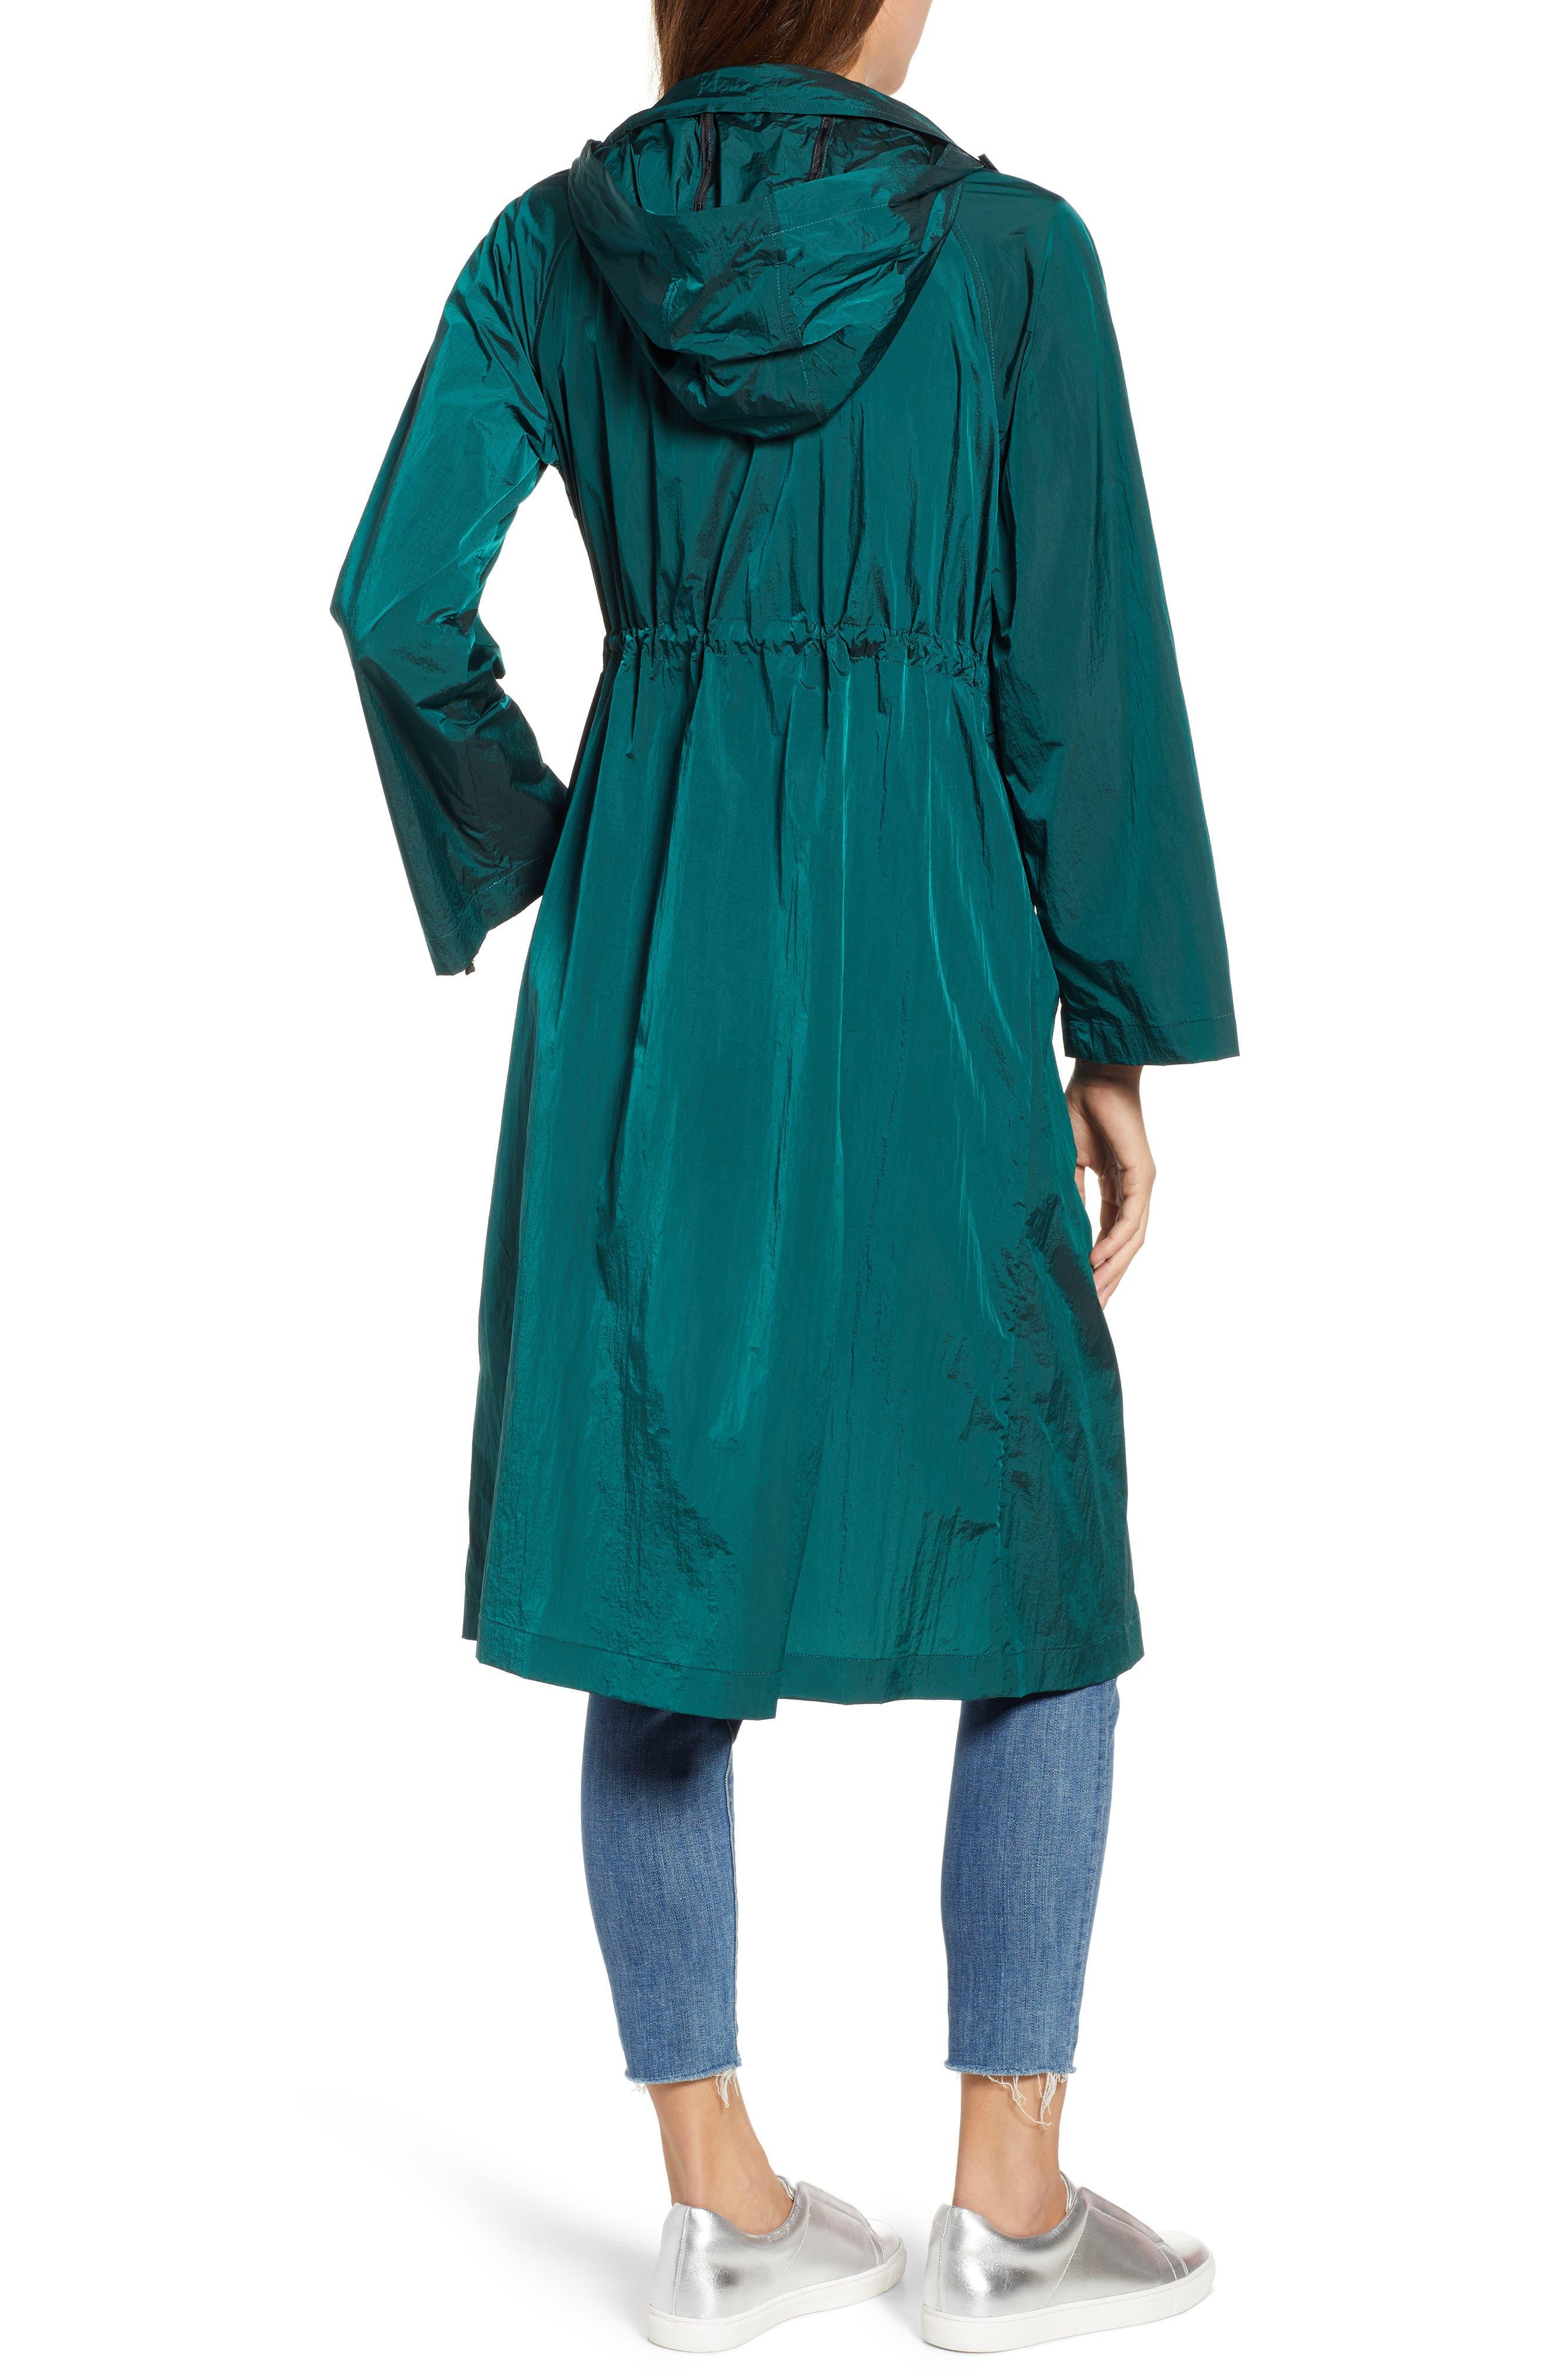 BERNARDO, Crinkle Nylon Long Hooded Parka, Alternate thumbnail 2, color, GREEN